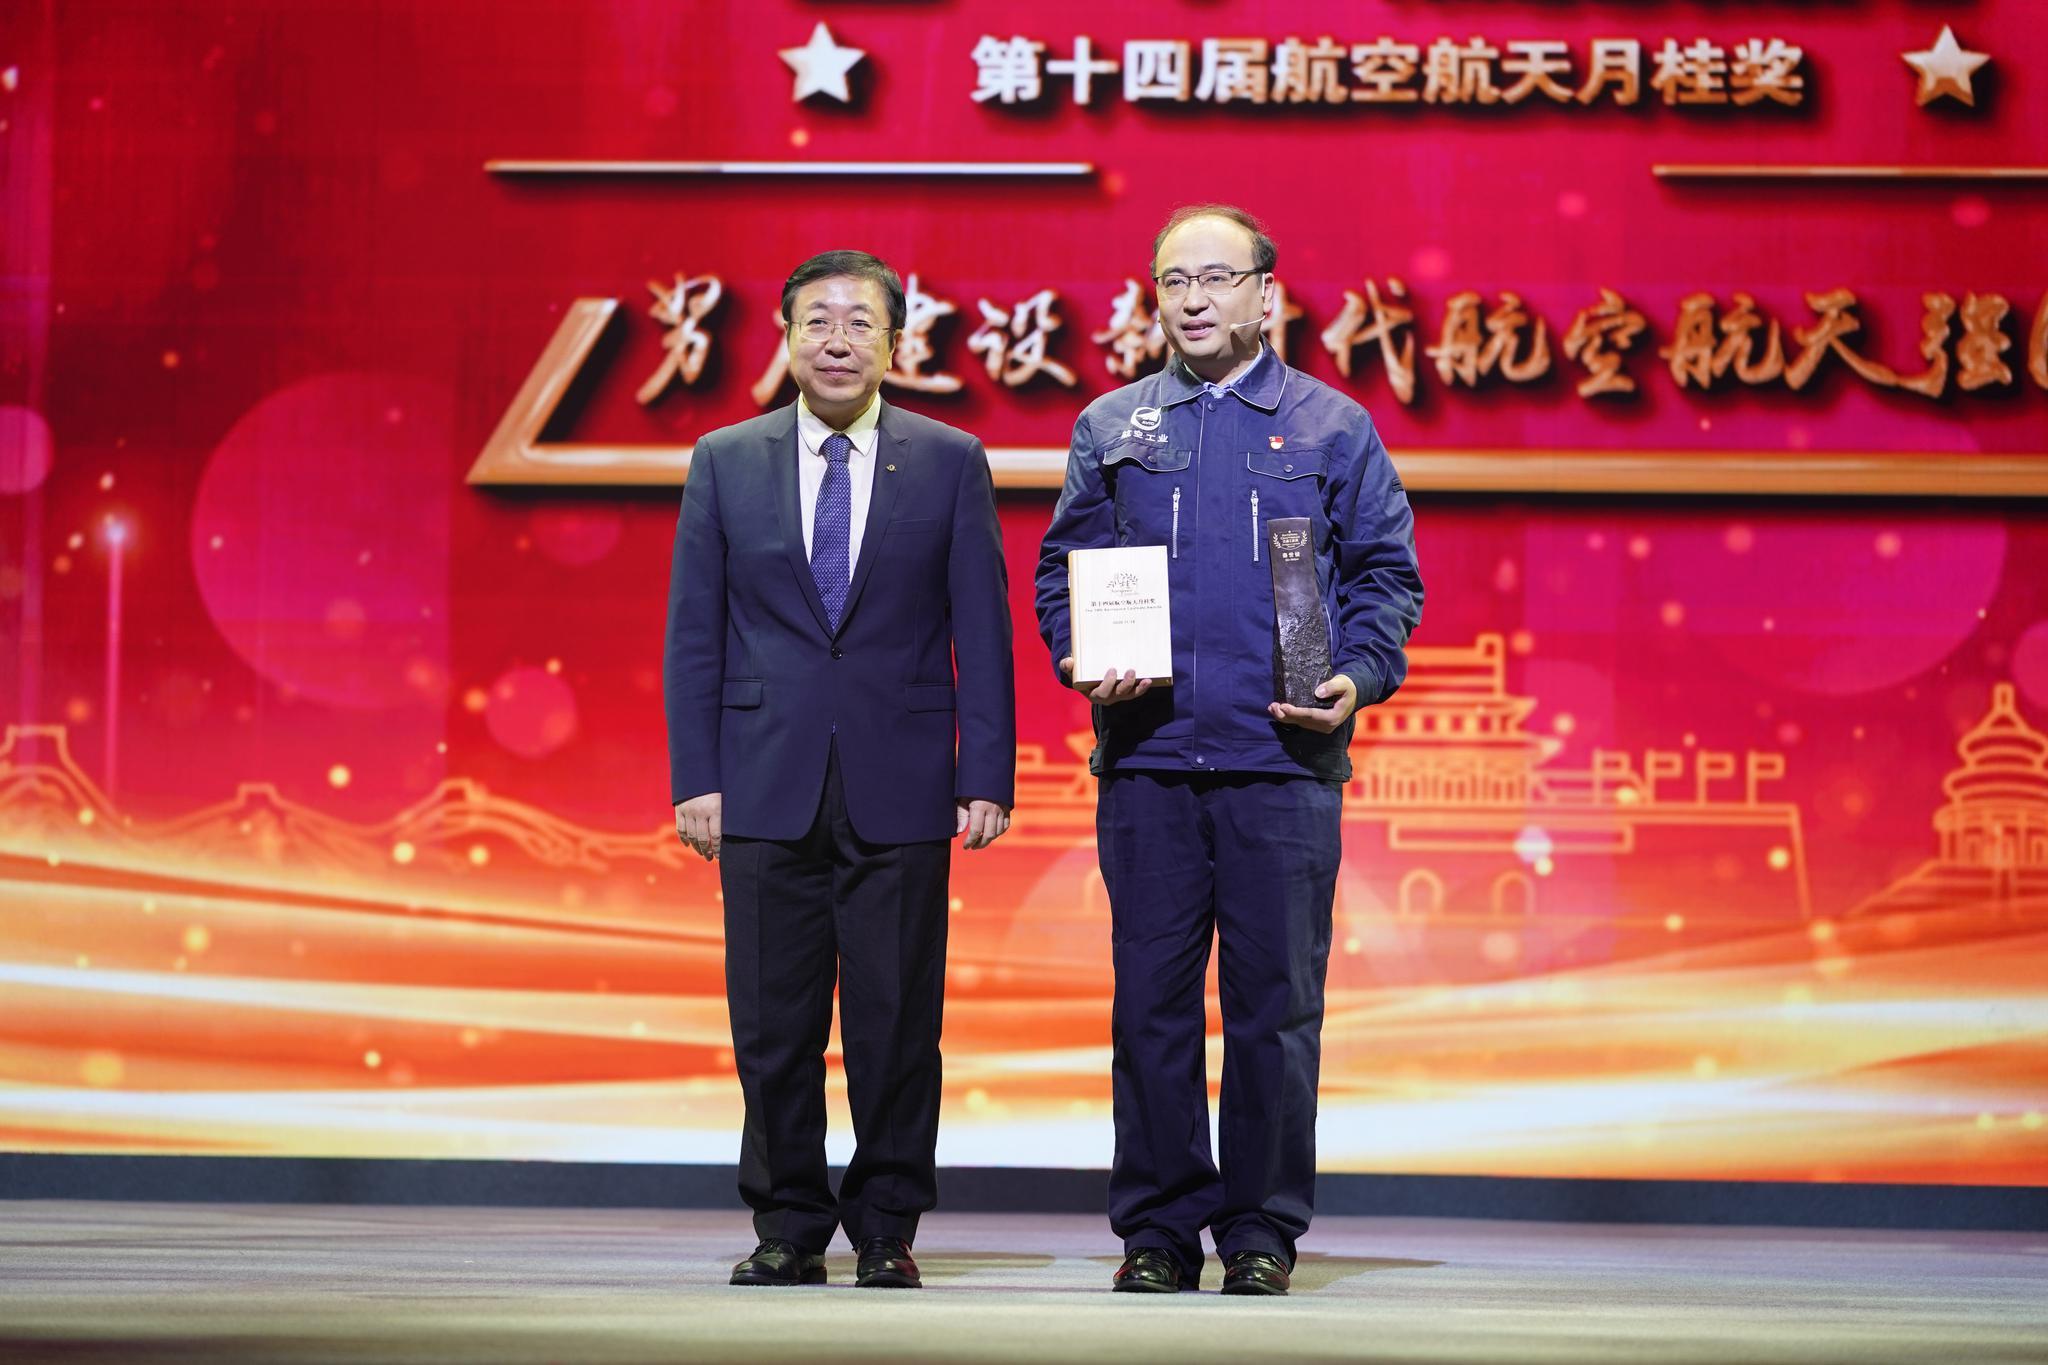 第十四届航空航天月桂奖揭晓图片